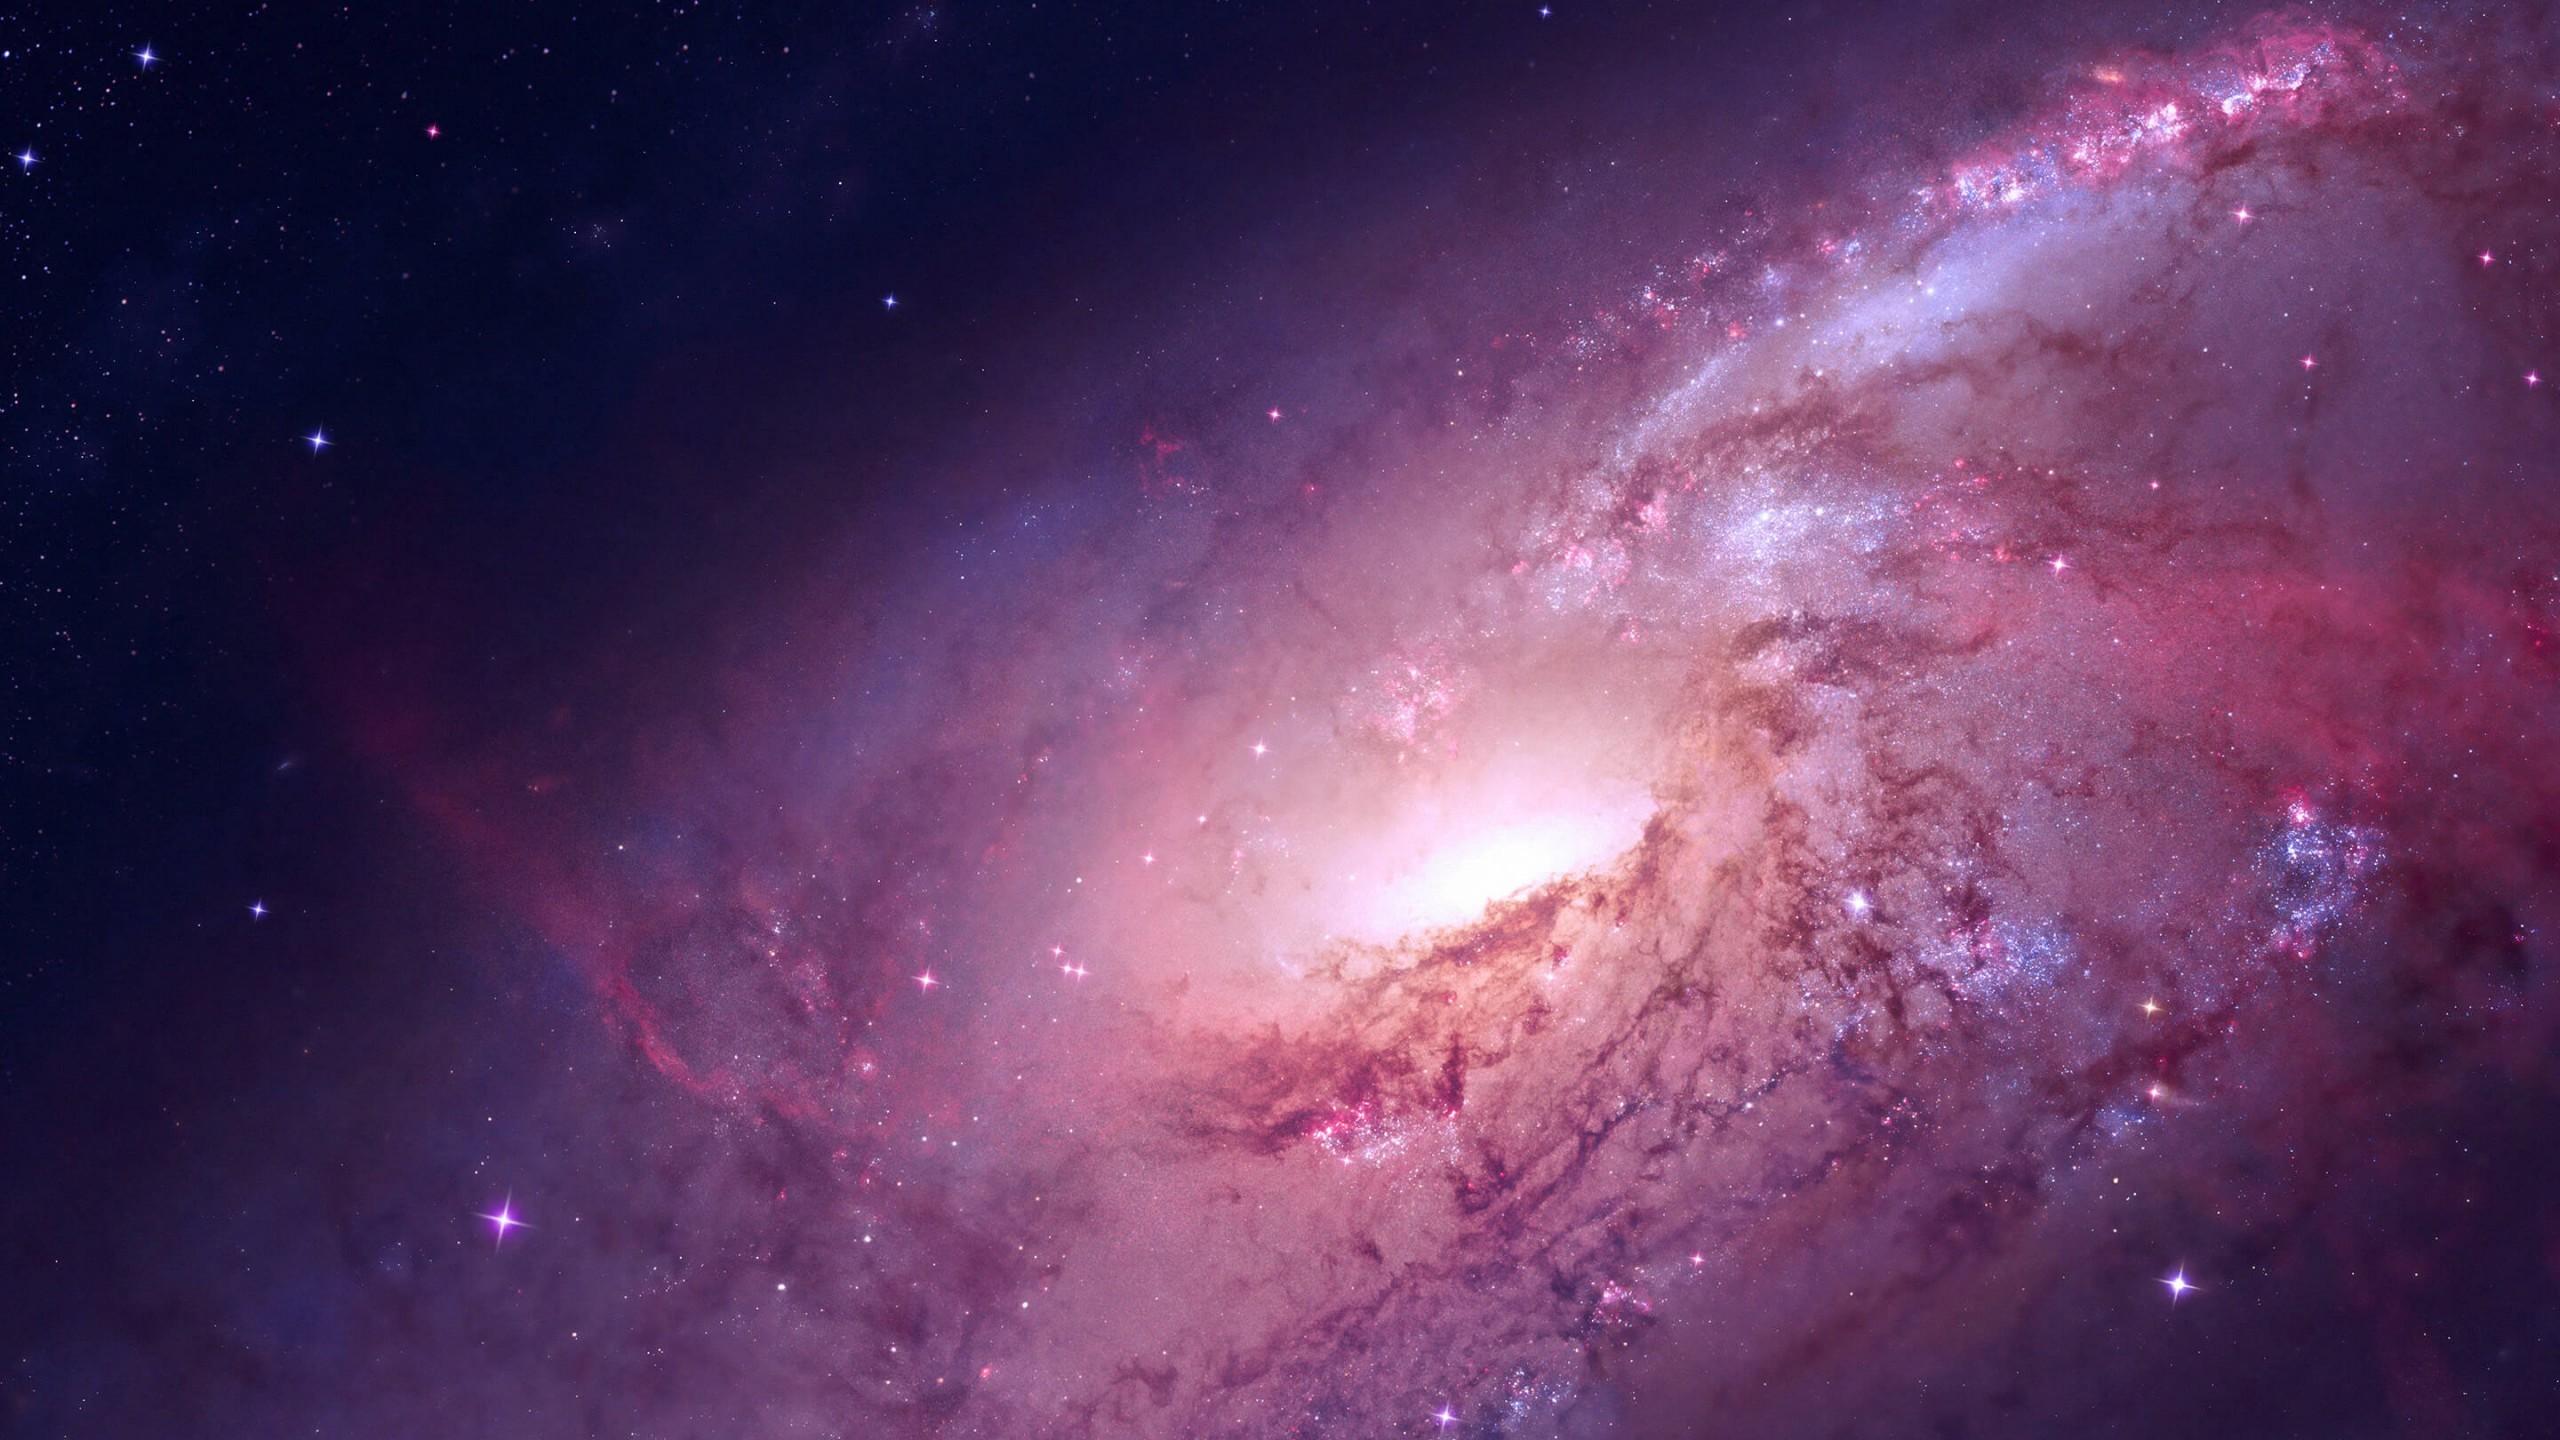 Galaxy M106 HD wallpaper for 2560 x 1440 – HDwallpapers.net